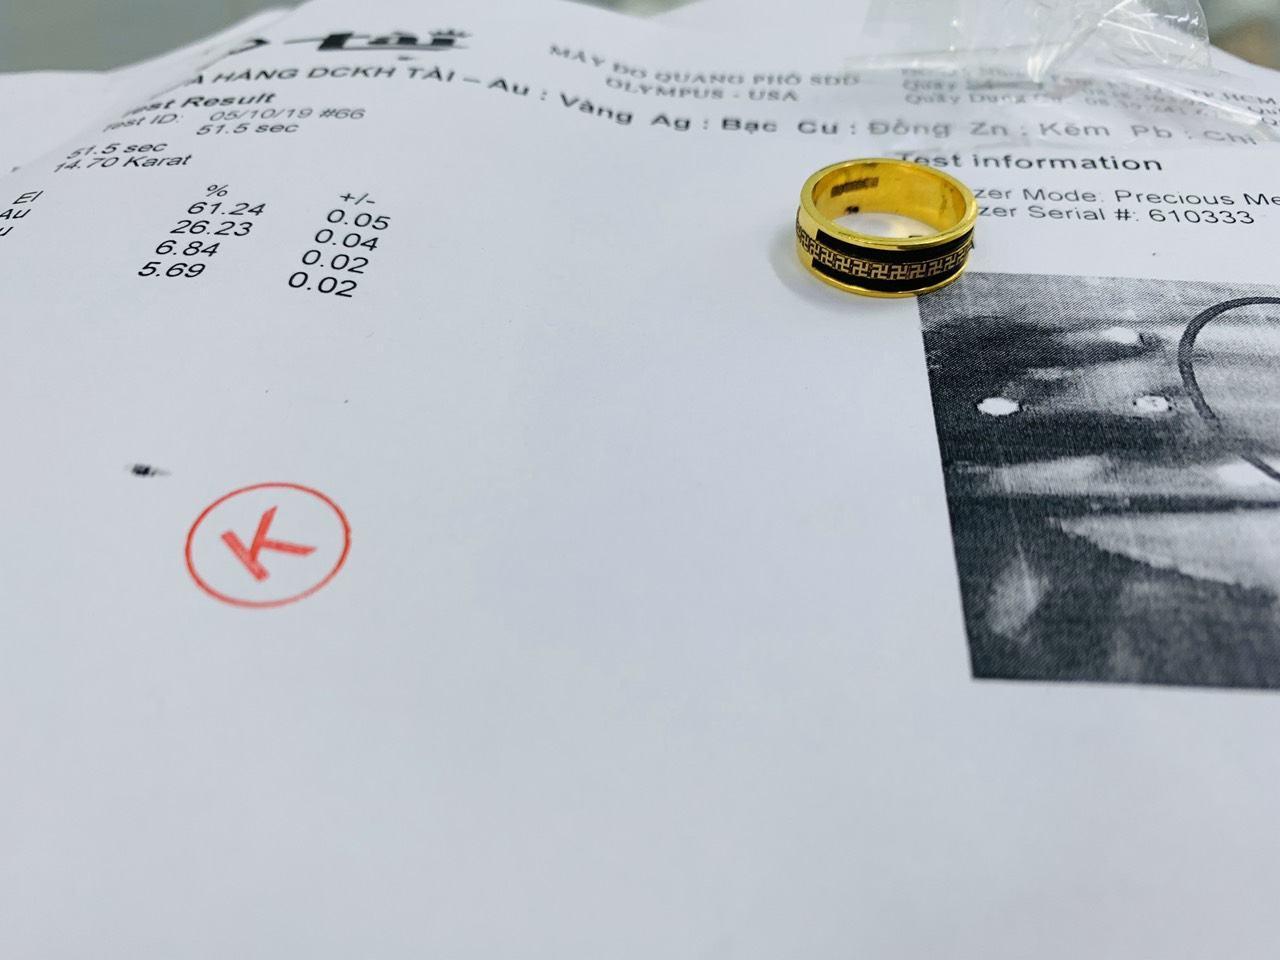 nhẫn chữ vạn nam nữ vàng 18K xỏ lông voi